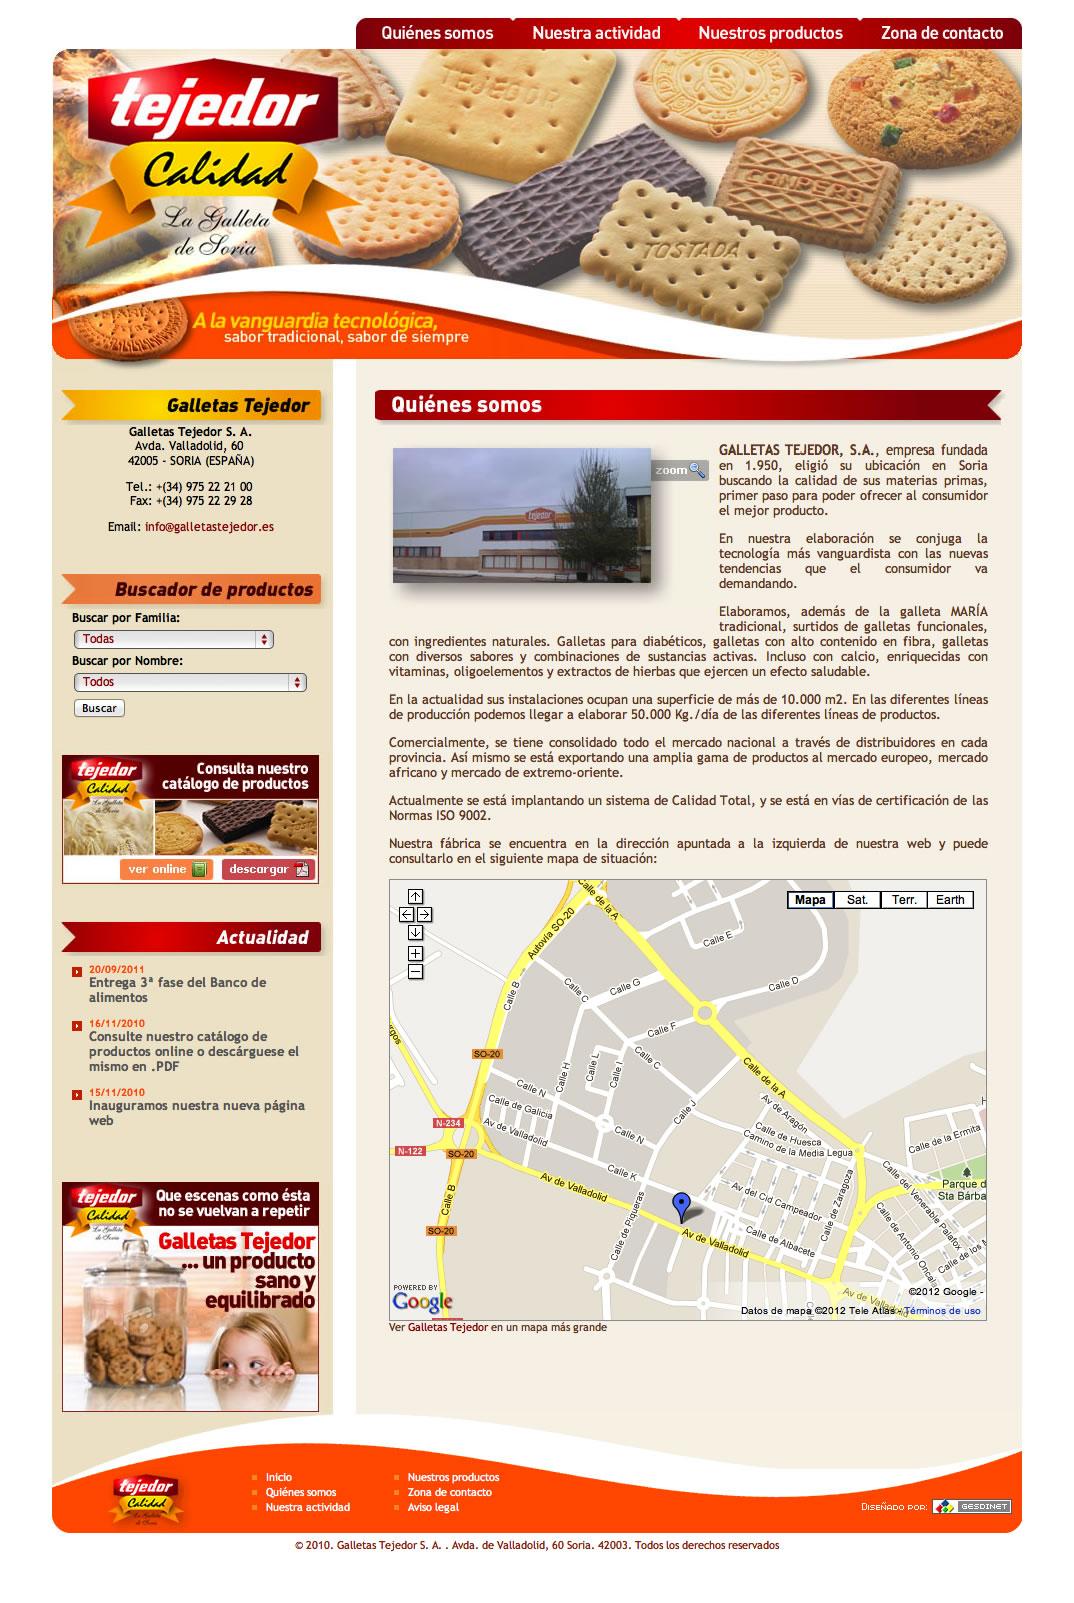 Terminada la página web de Galletas Tejedor S. A.